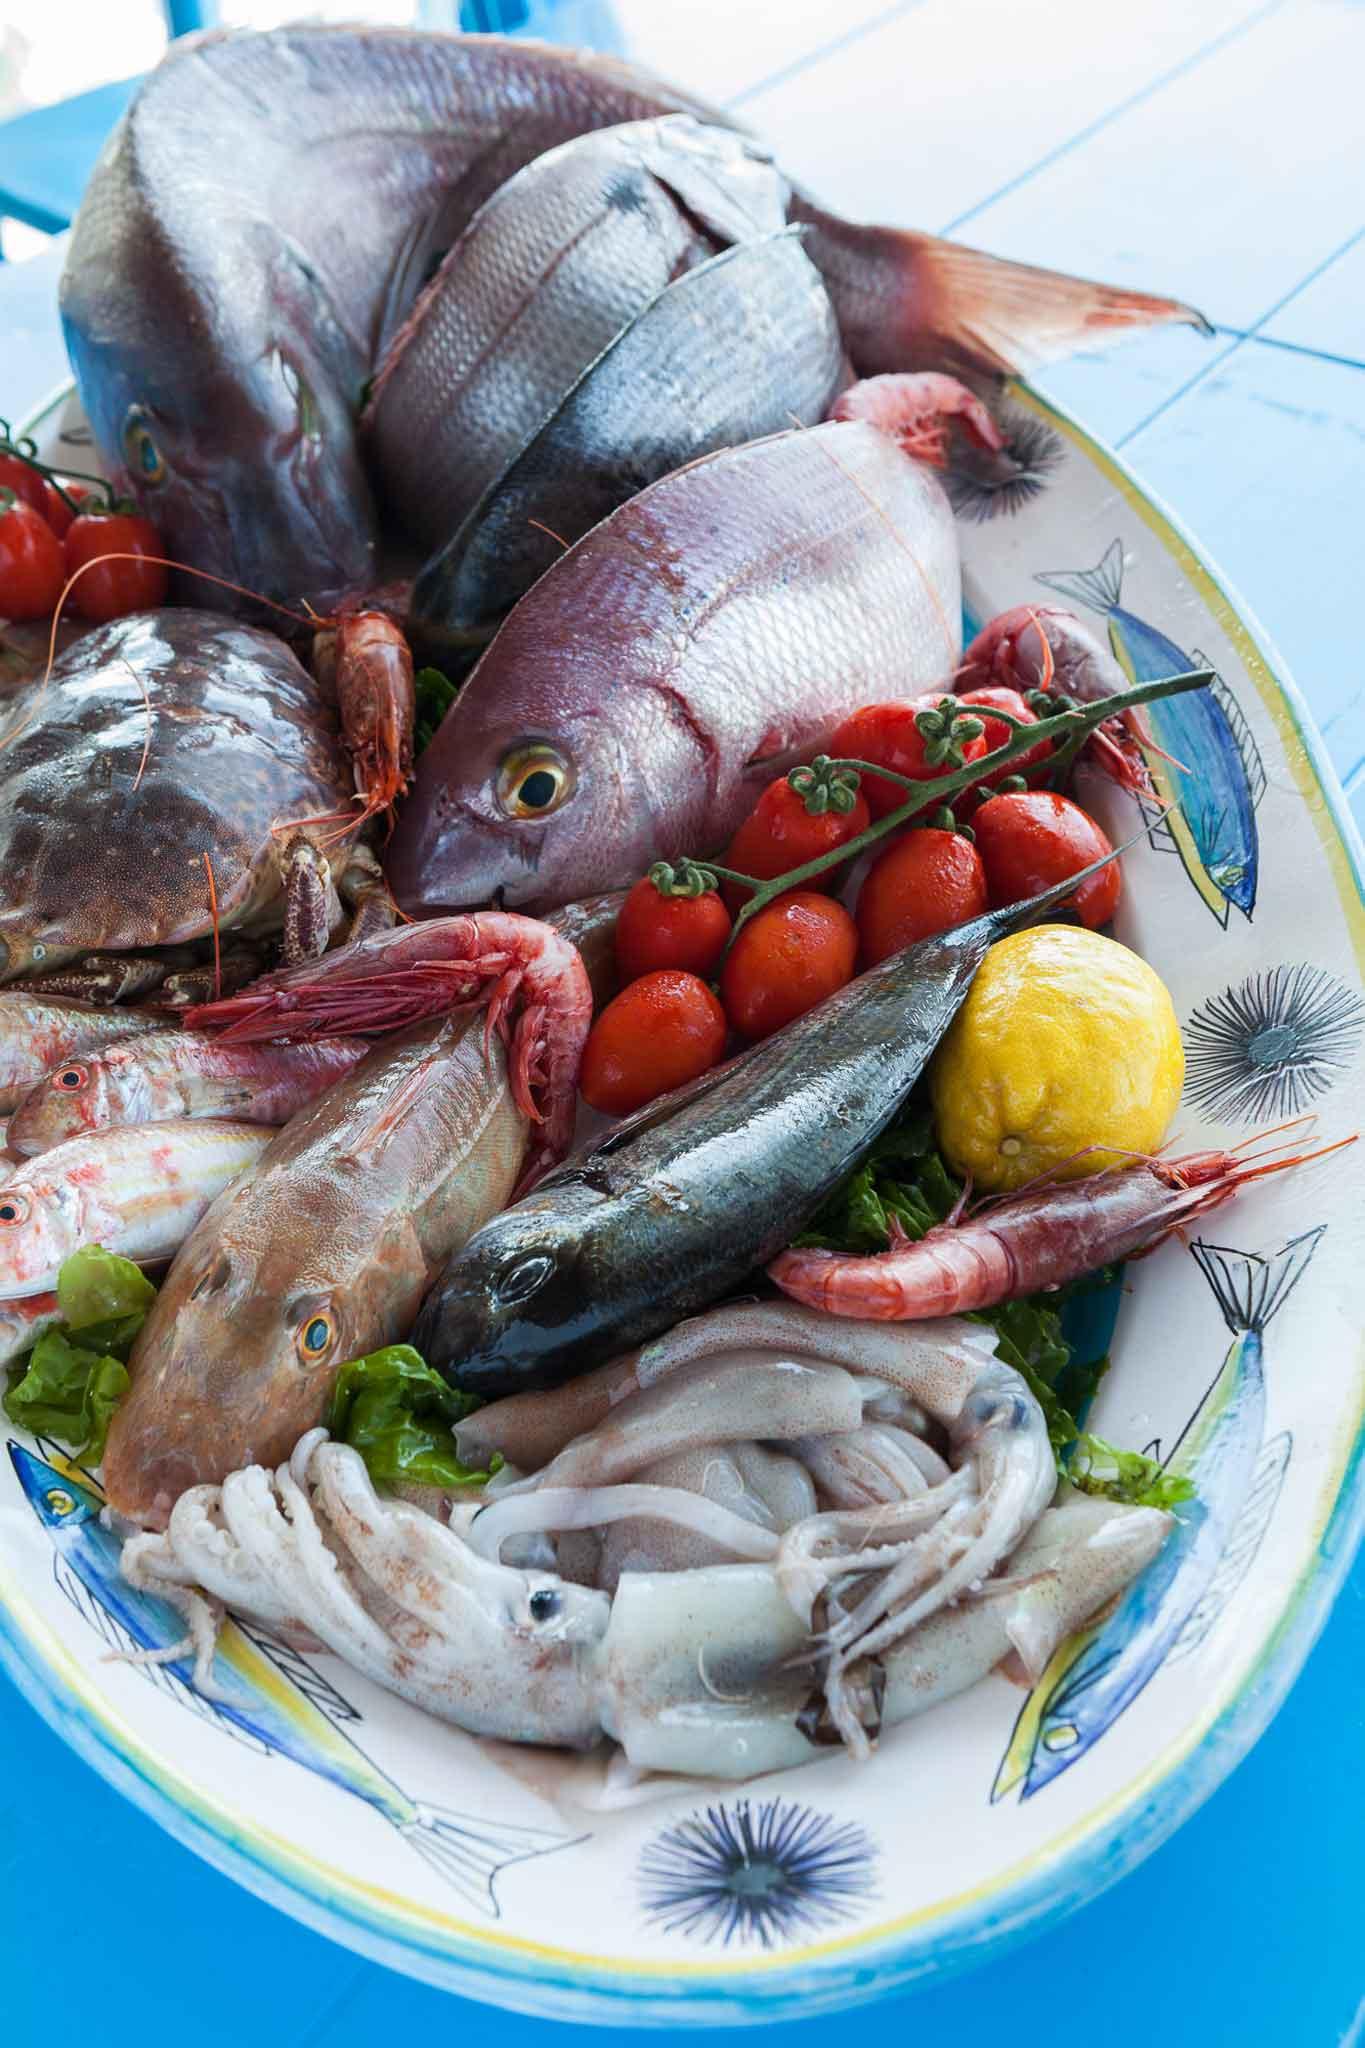 Riccio ristorante Capri pesce fresco